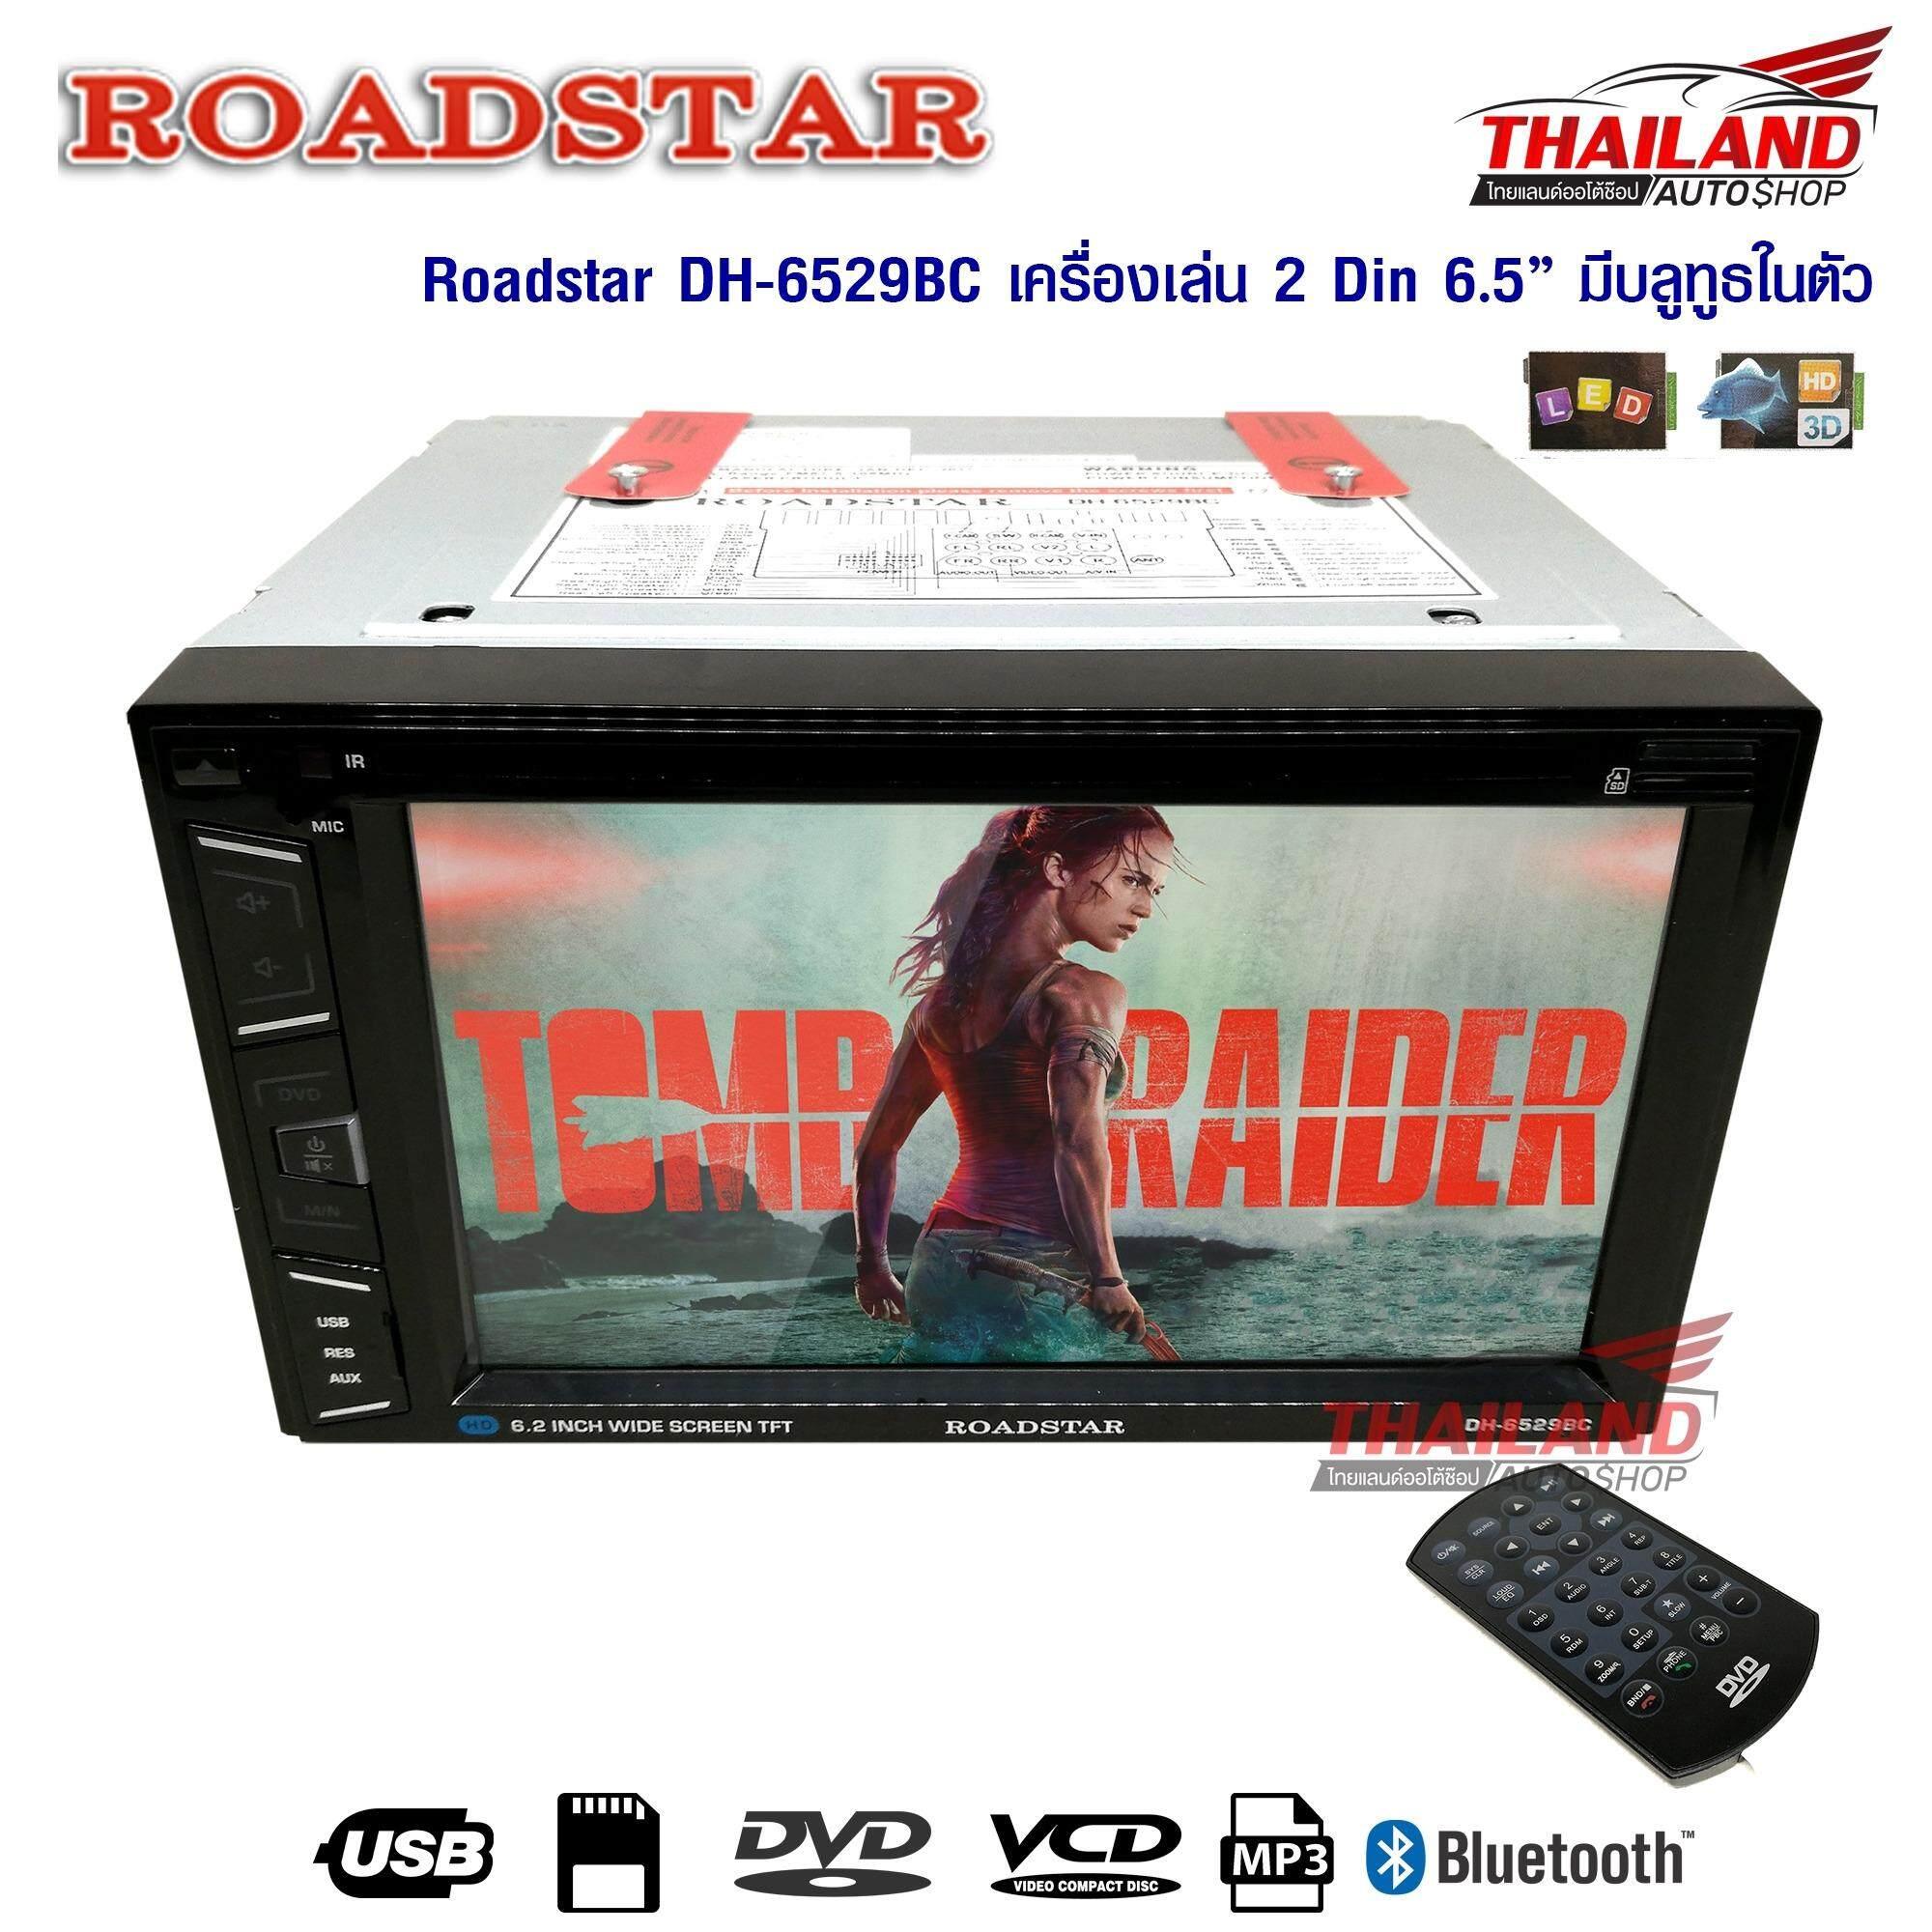 ส่วนลด สินค้า Thailand Roadstar Dh 6529Bc เครื่องเล่นติดรถยนต์พร้อมจอ 2 Din